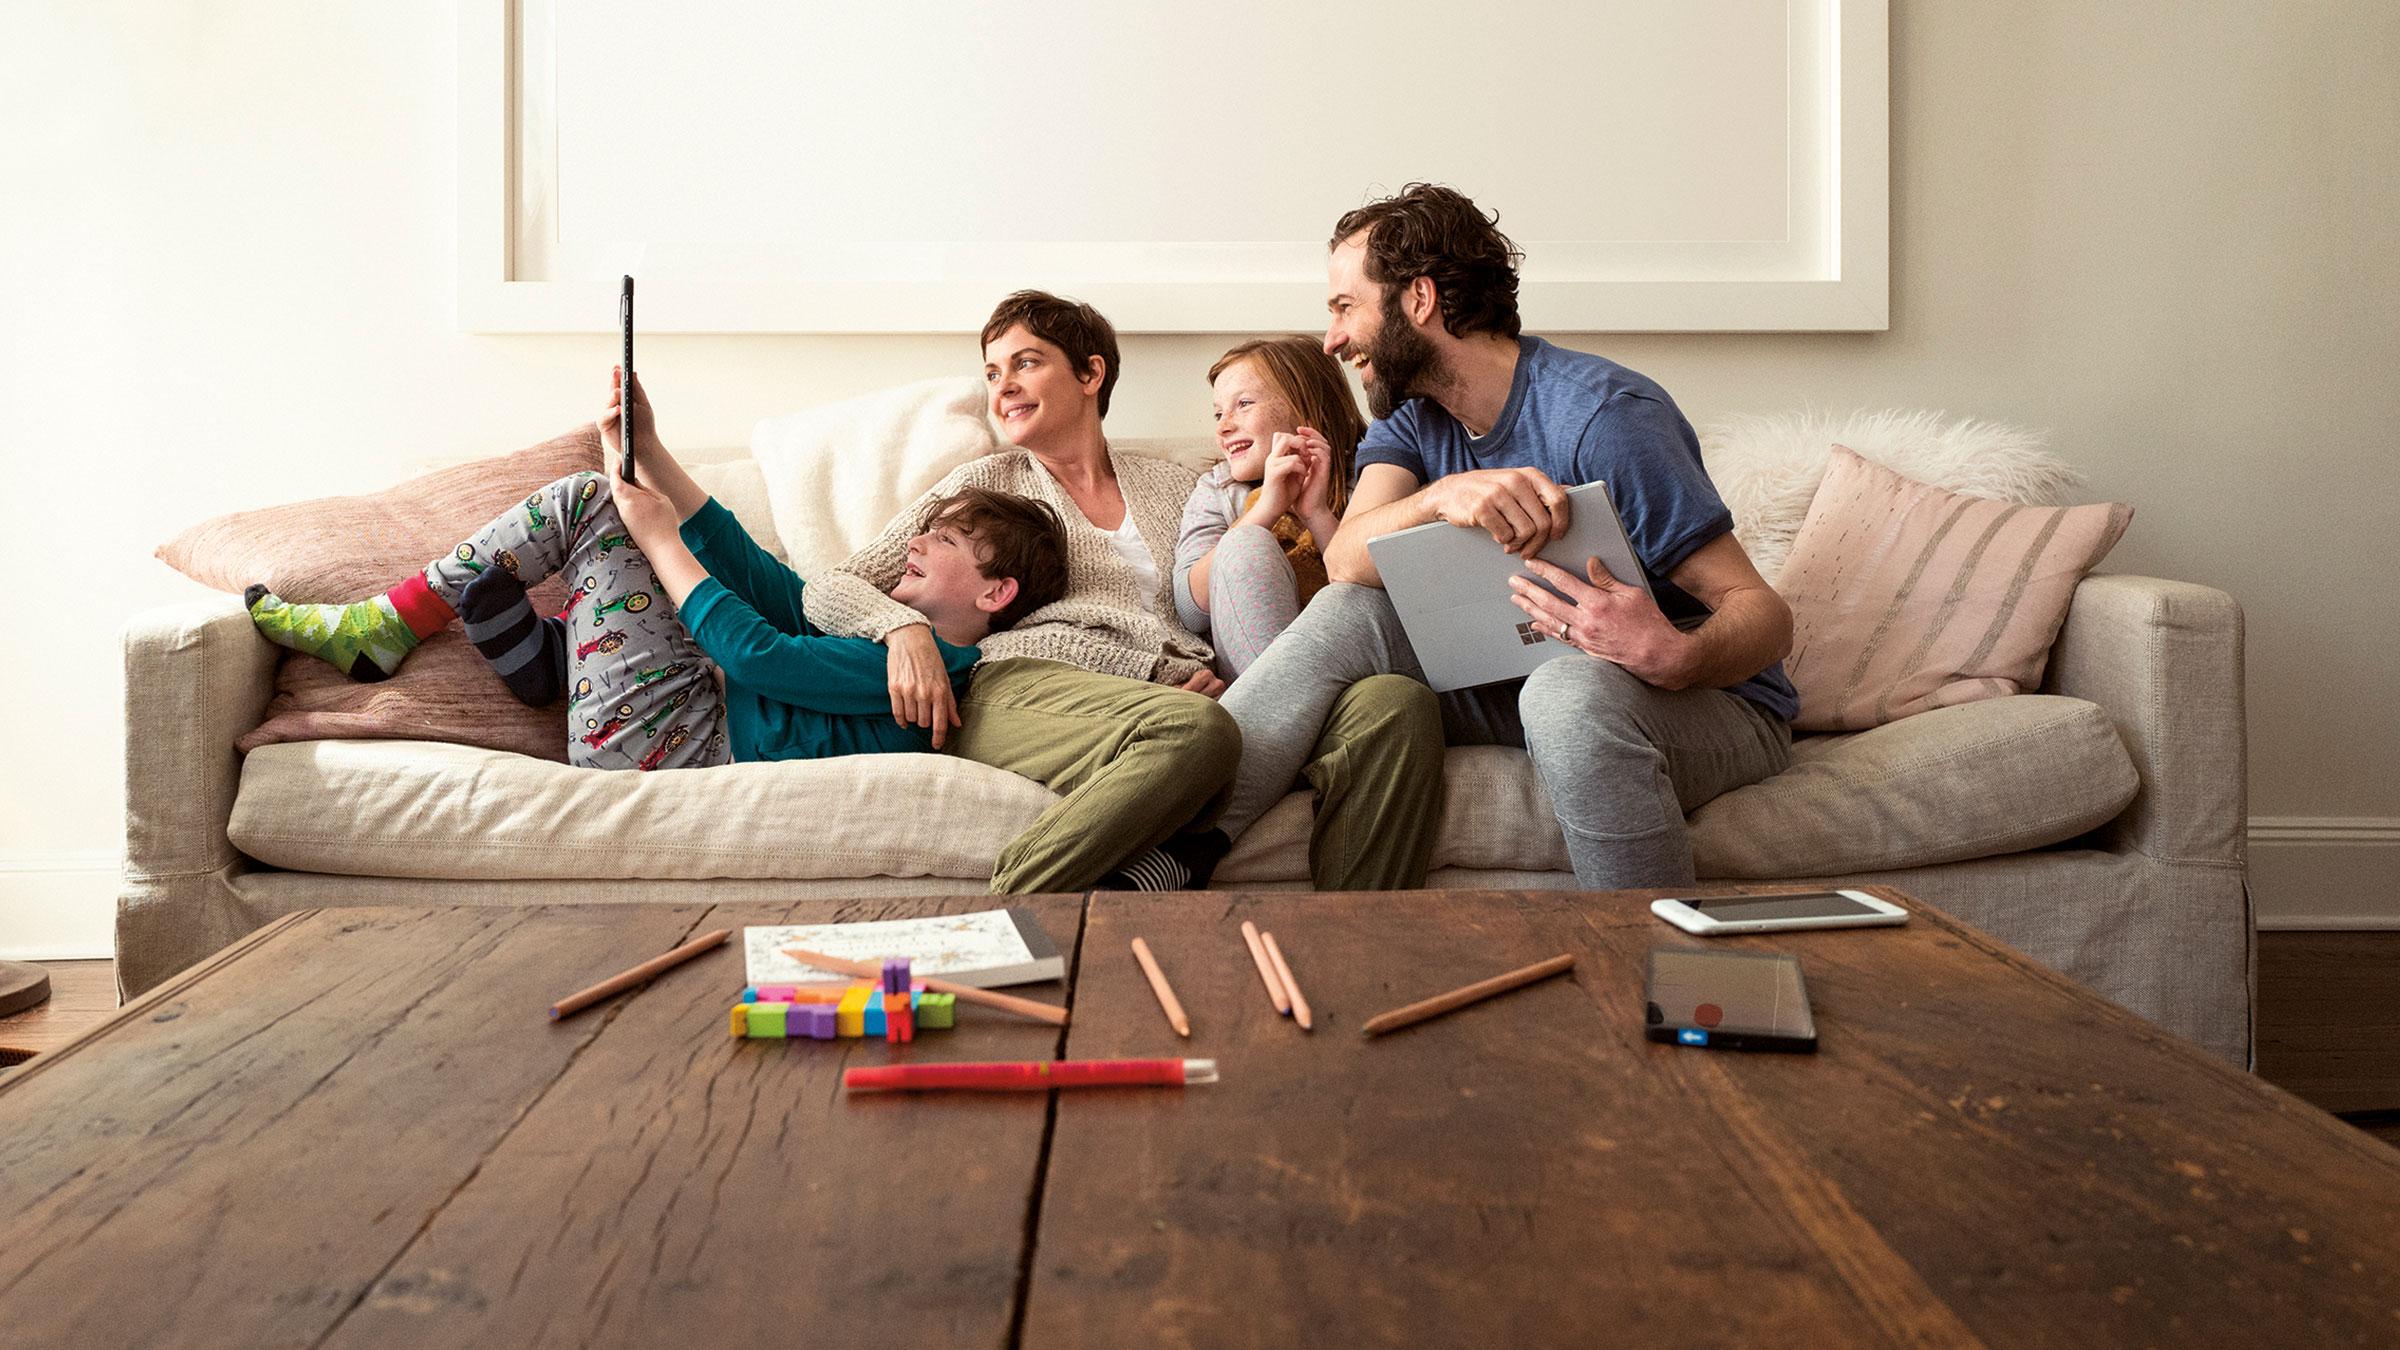 ครอบครัวนั่งอยู่บนโซฟาและดูอุปกรณ์ Microsoft Surface Pro